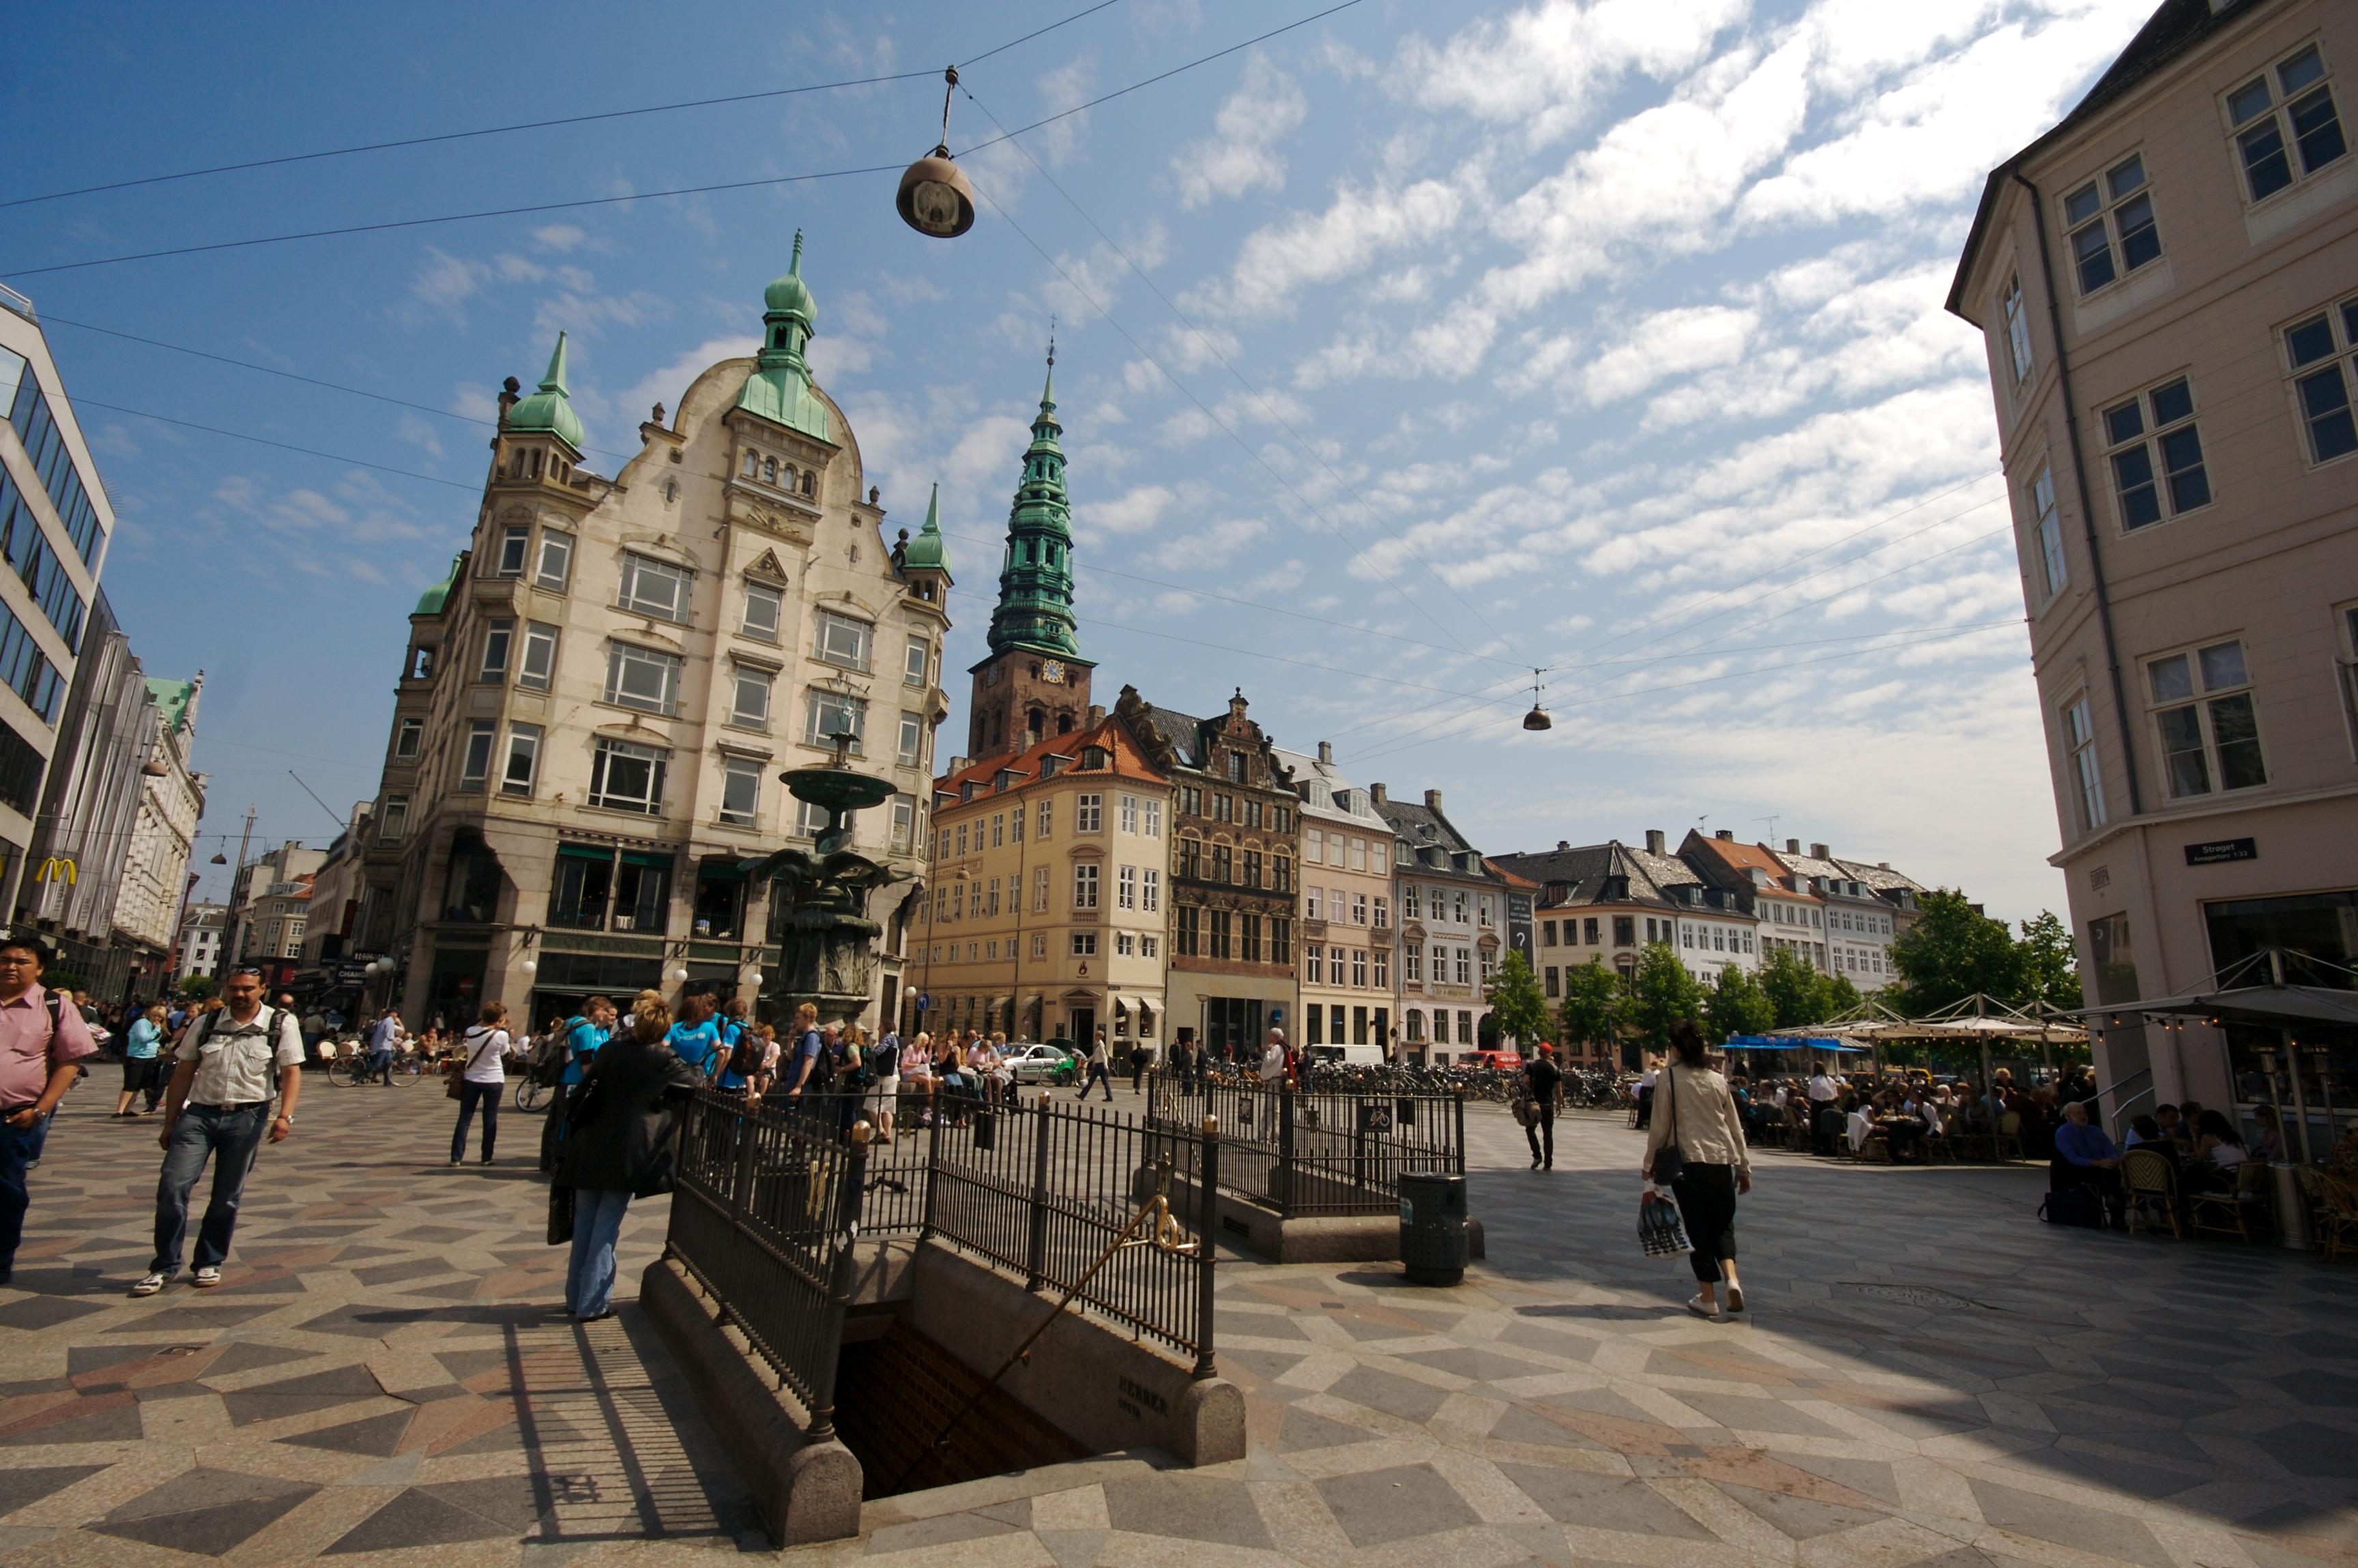 Центральна площа Копенгагена переіменована на честь прапора ЛГБТ-спільноти